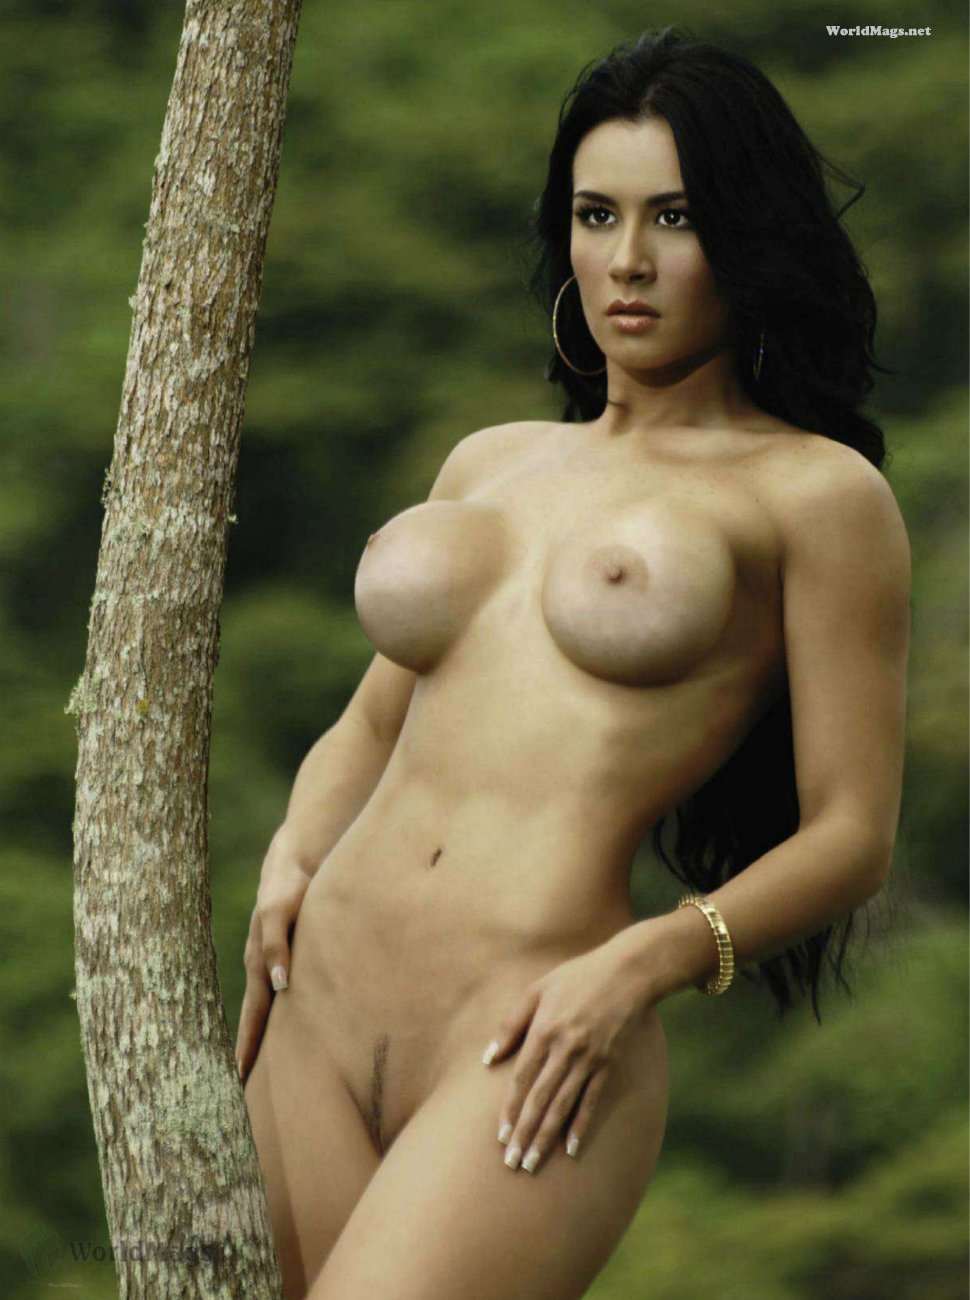 fotos de playboy venezuela: